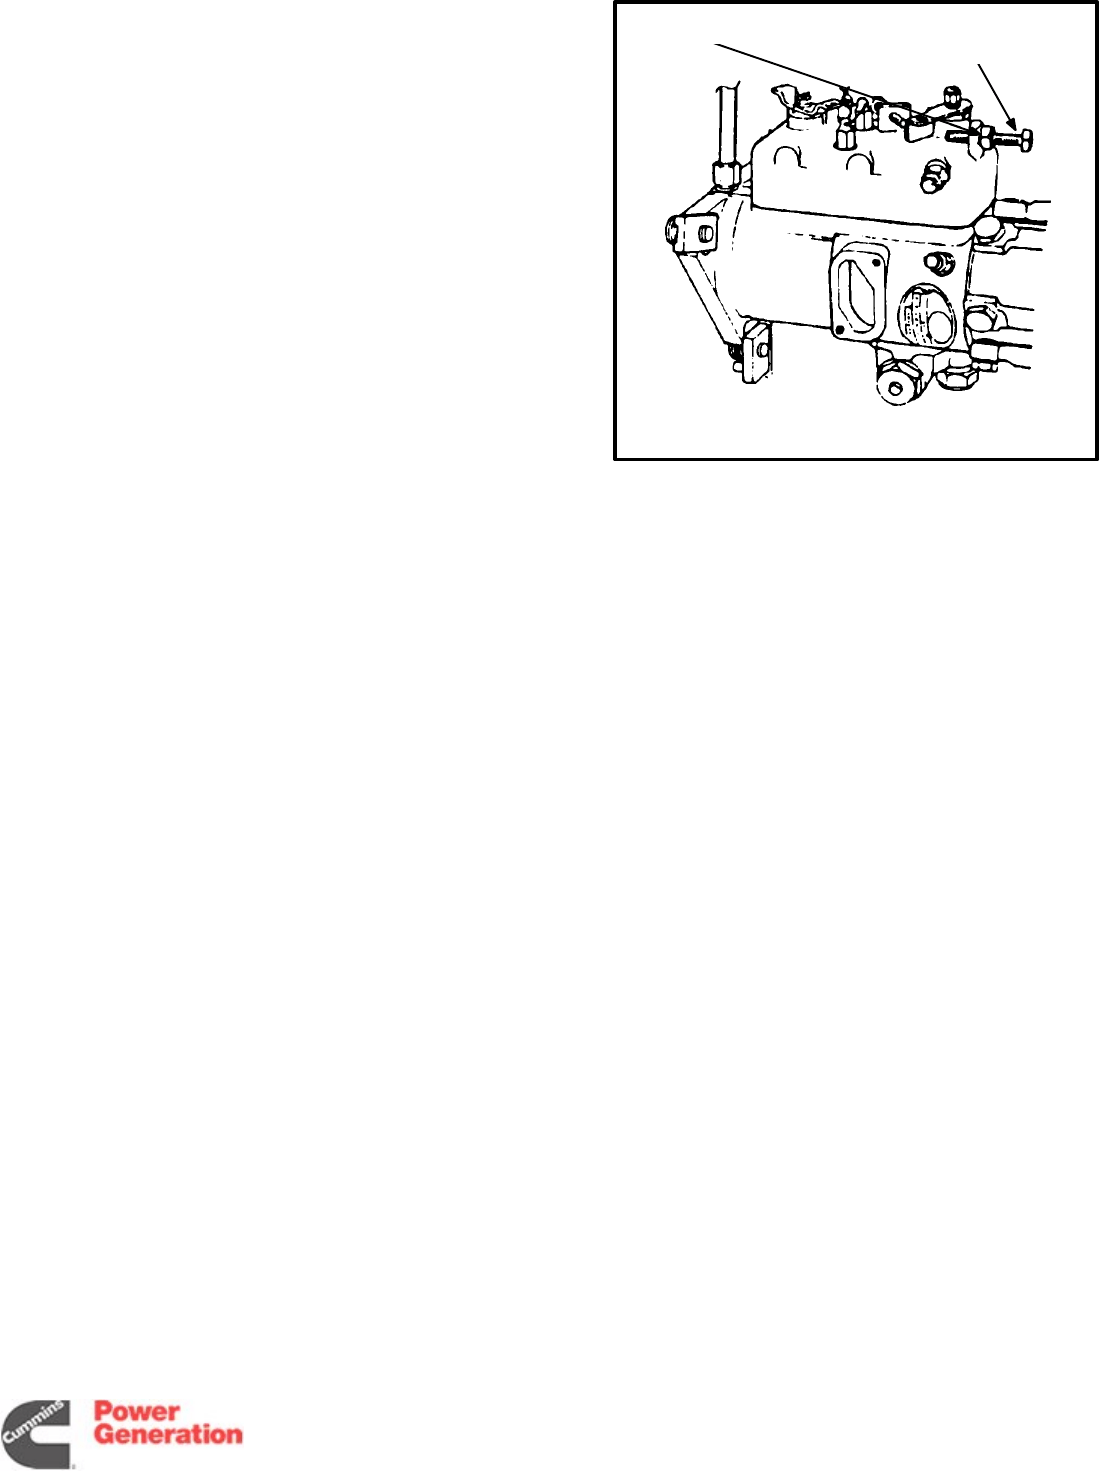 960 0505 Onan DGxx QSxx Detector Controls Generator Set